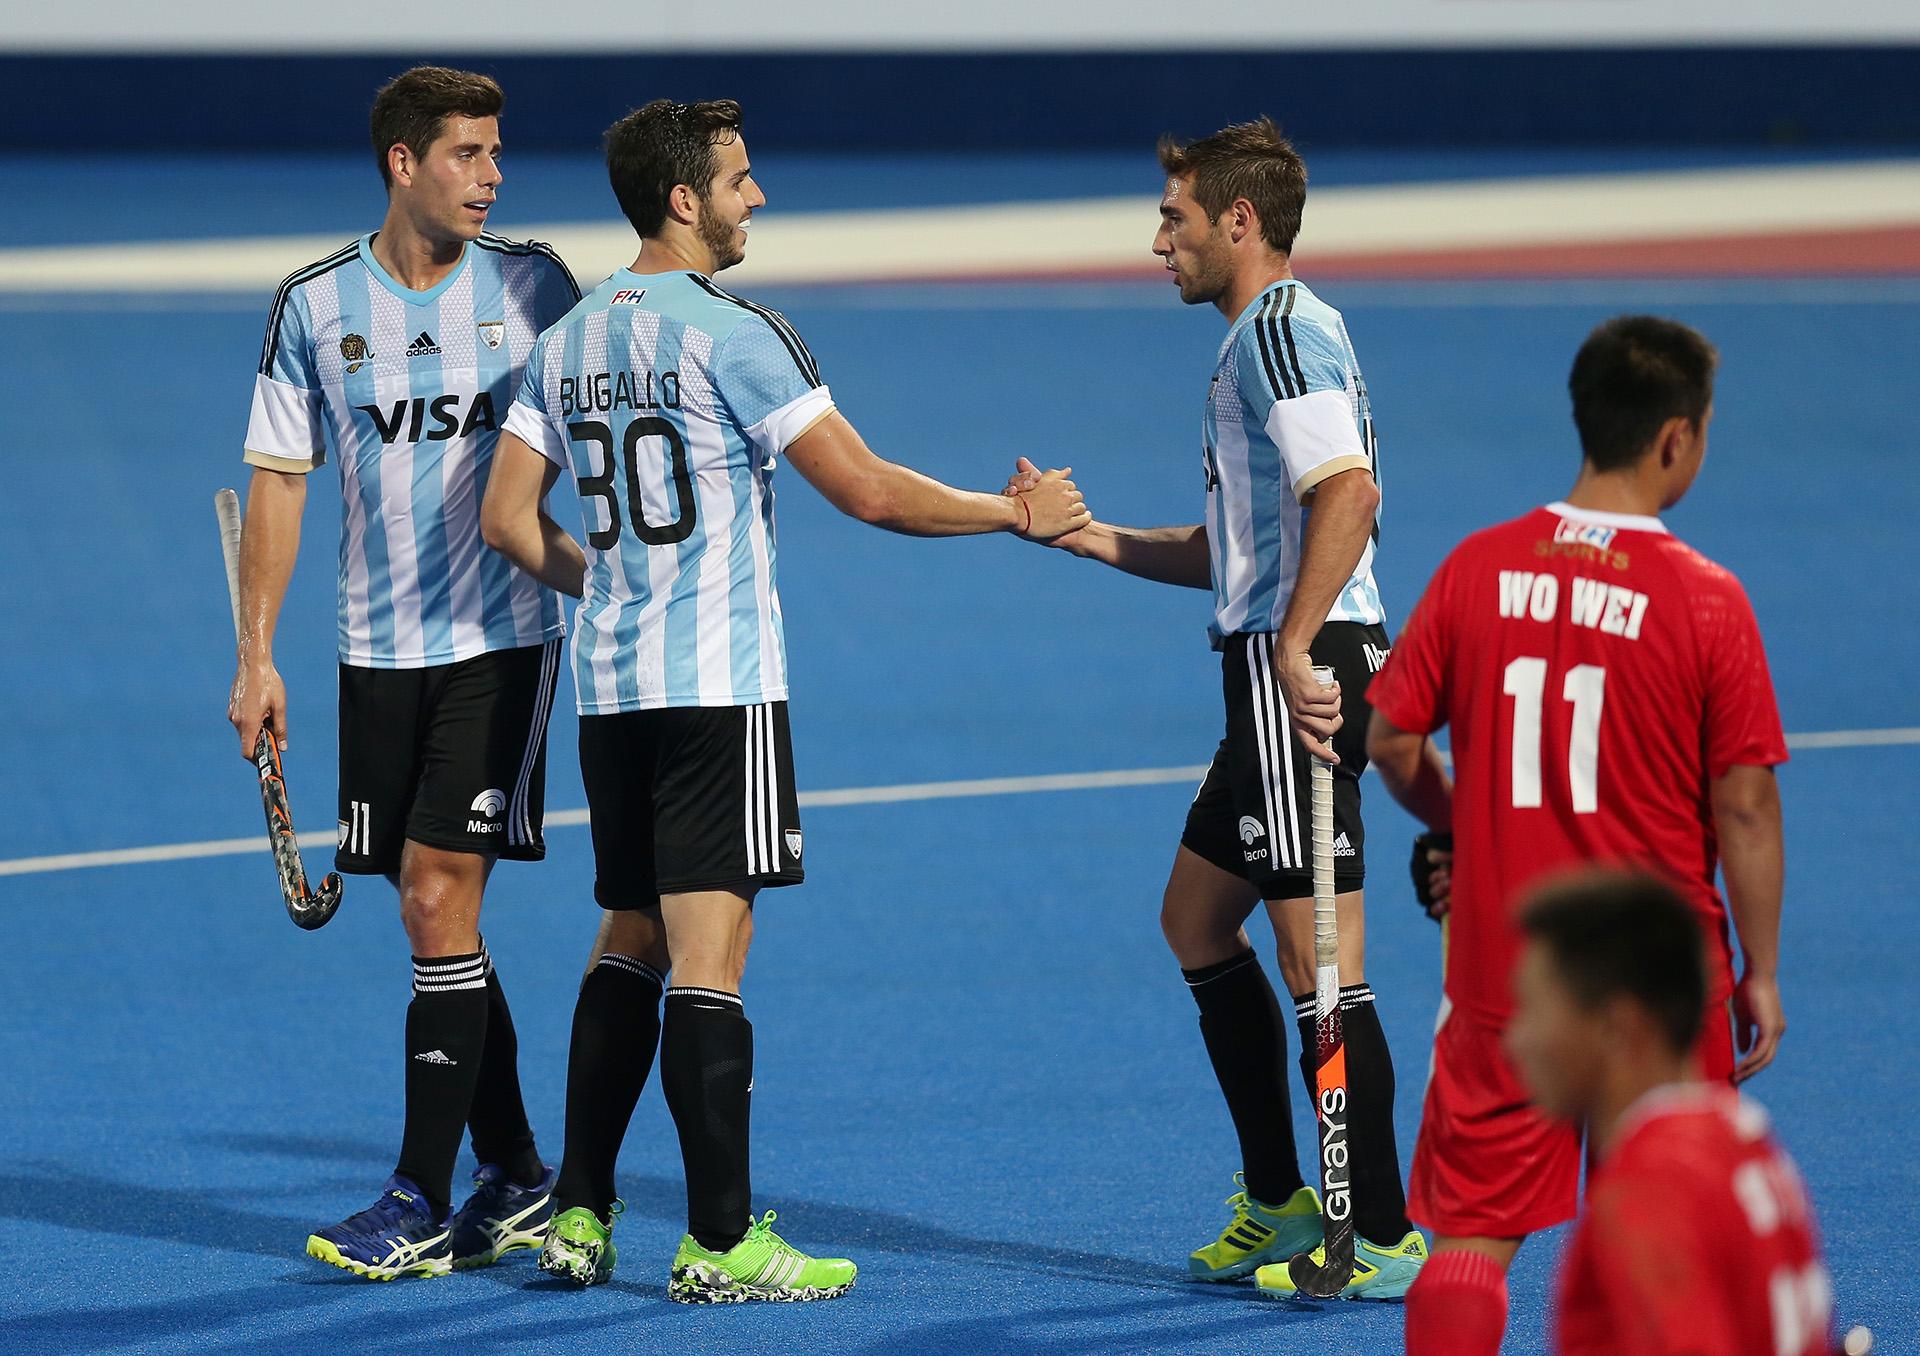 Los Leones golearon por 10 a 0 a China en el cierre de la primera fase de la Liga Mundial de Londres